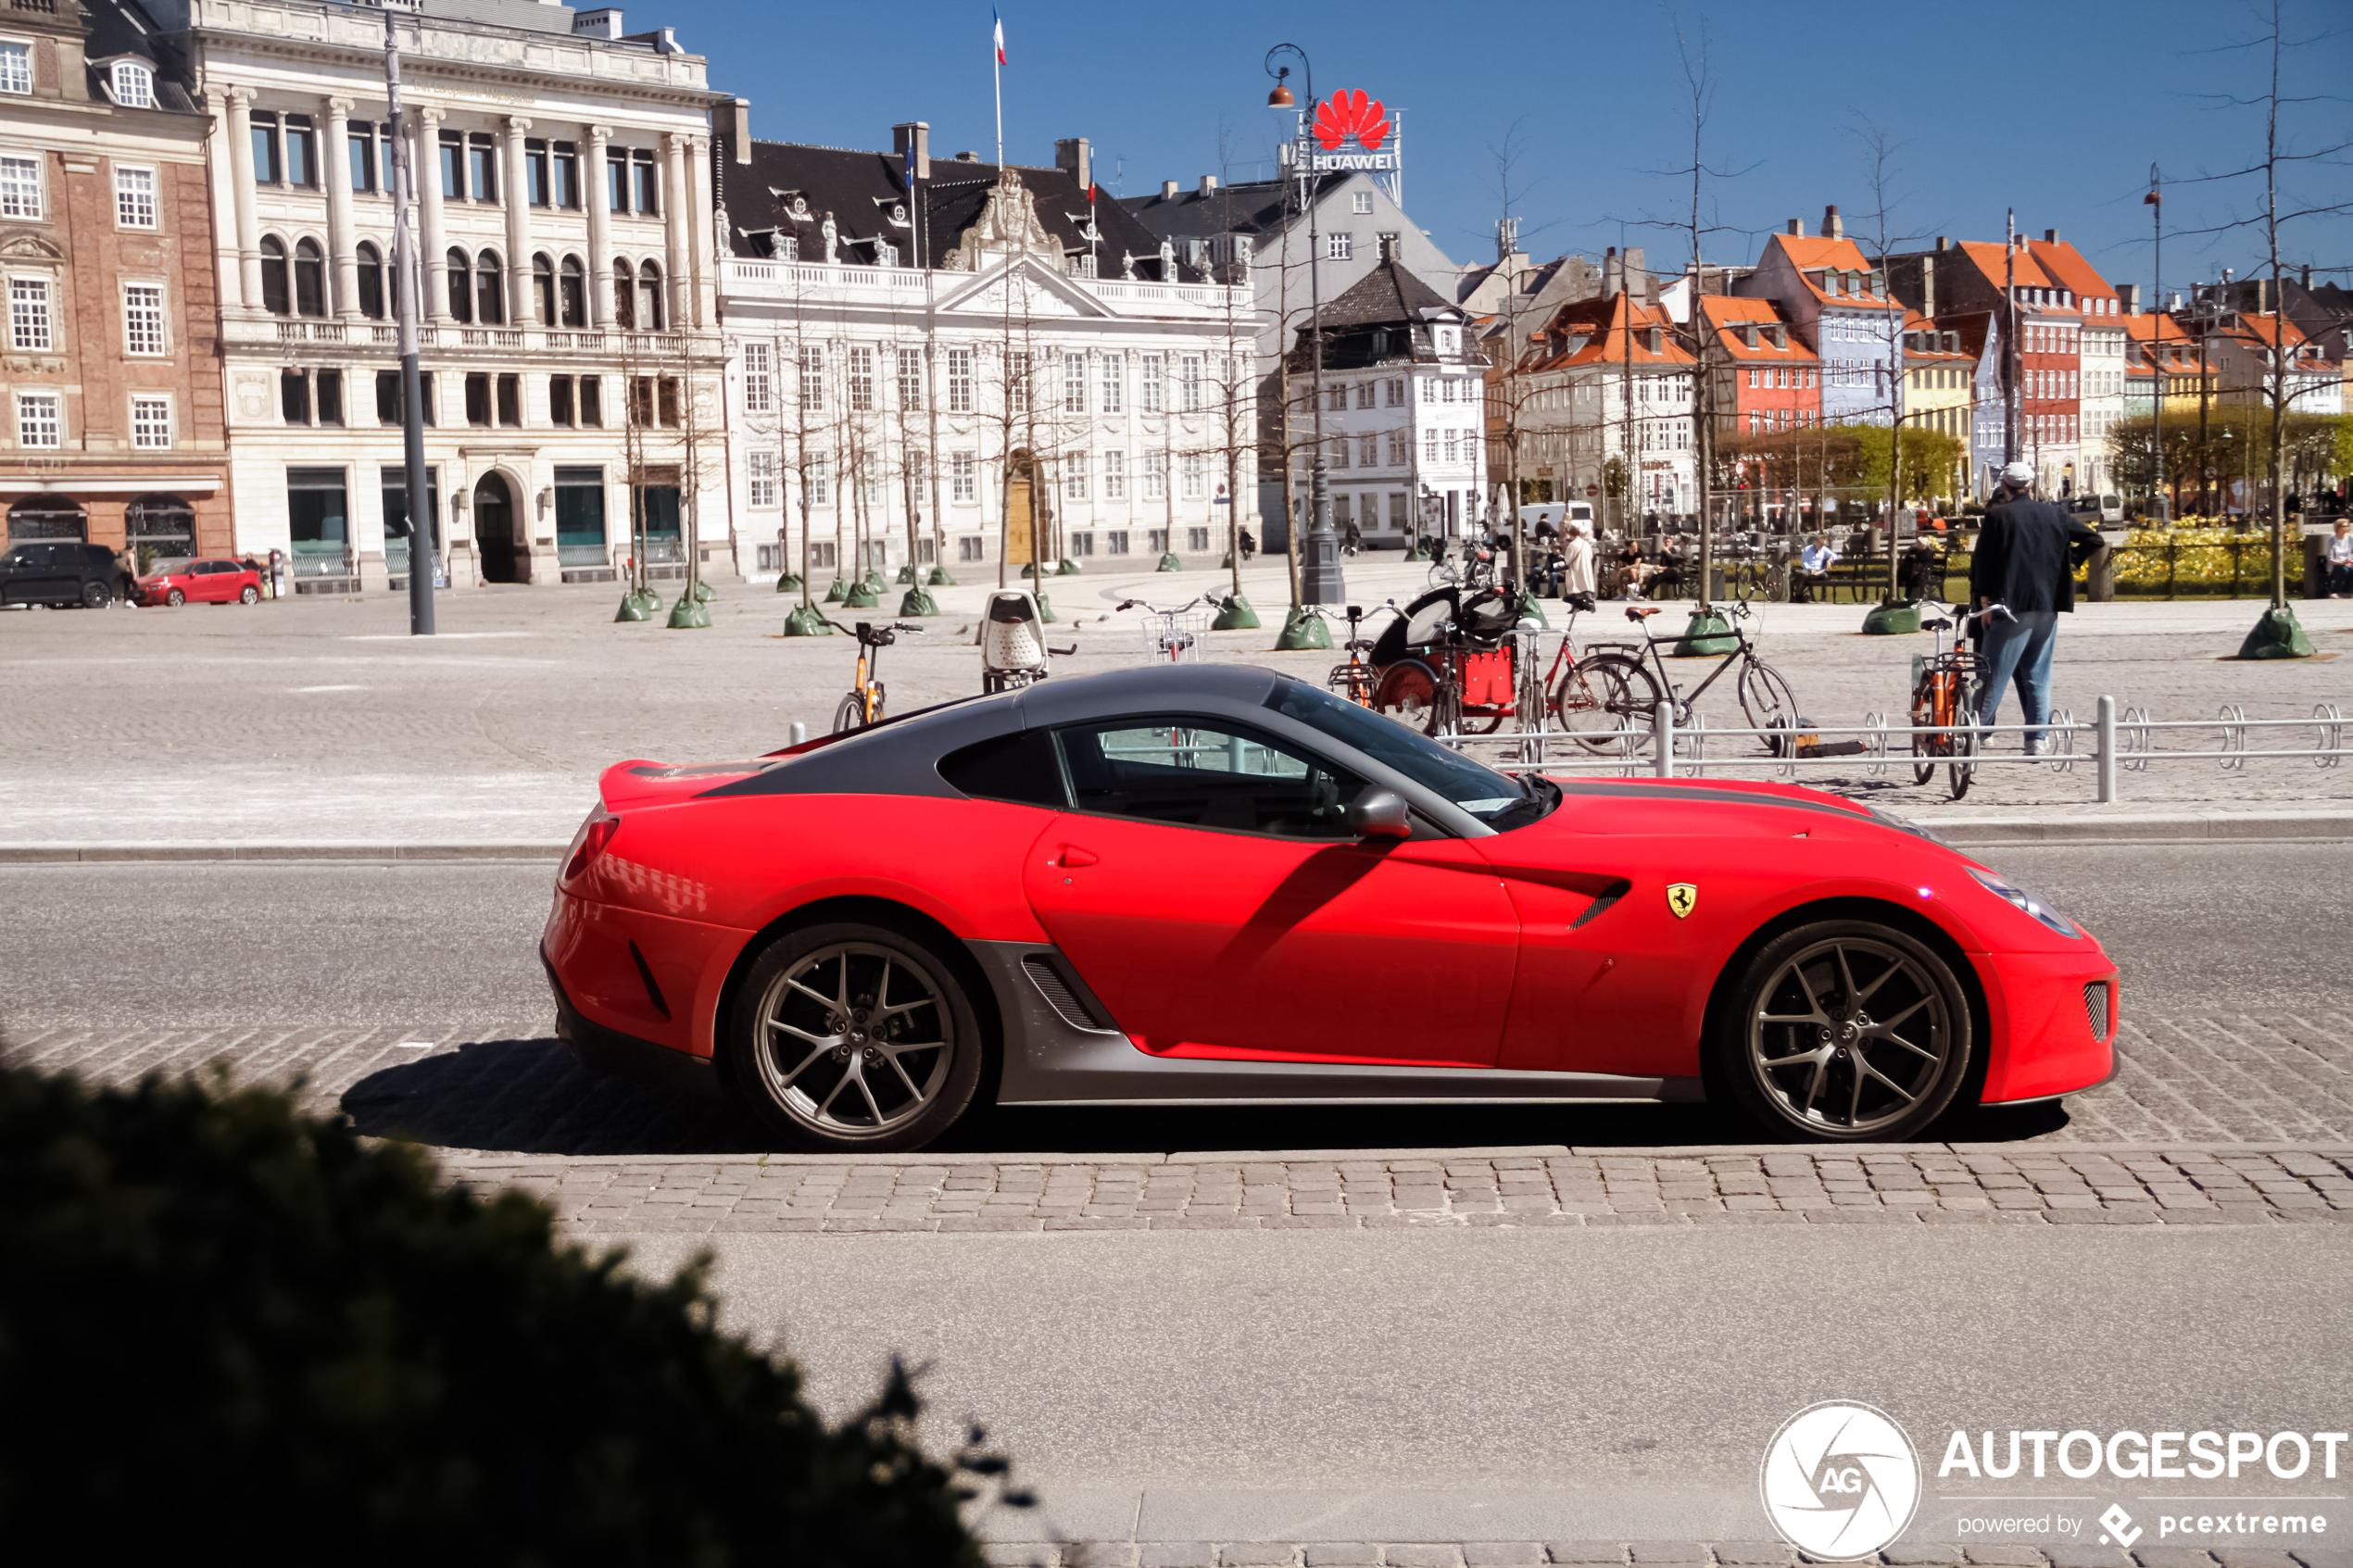 Prachtige Ferrari 599 GTO mag naar buiten in Kopenhagen